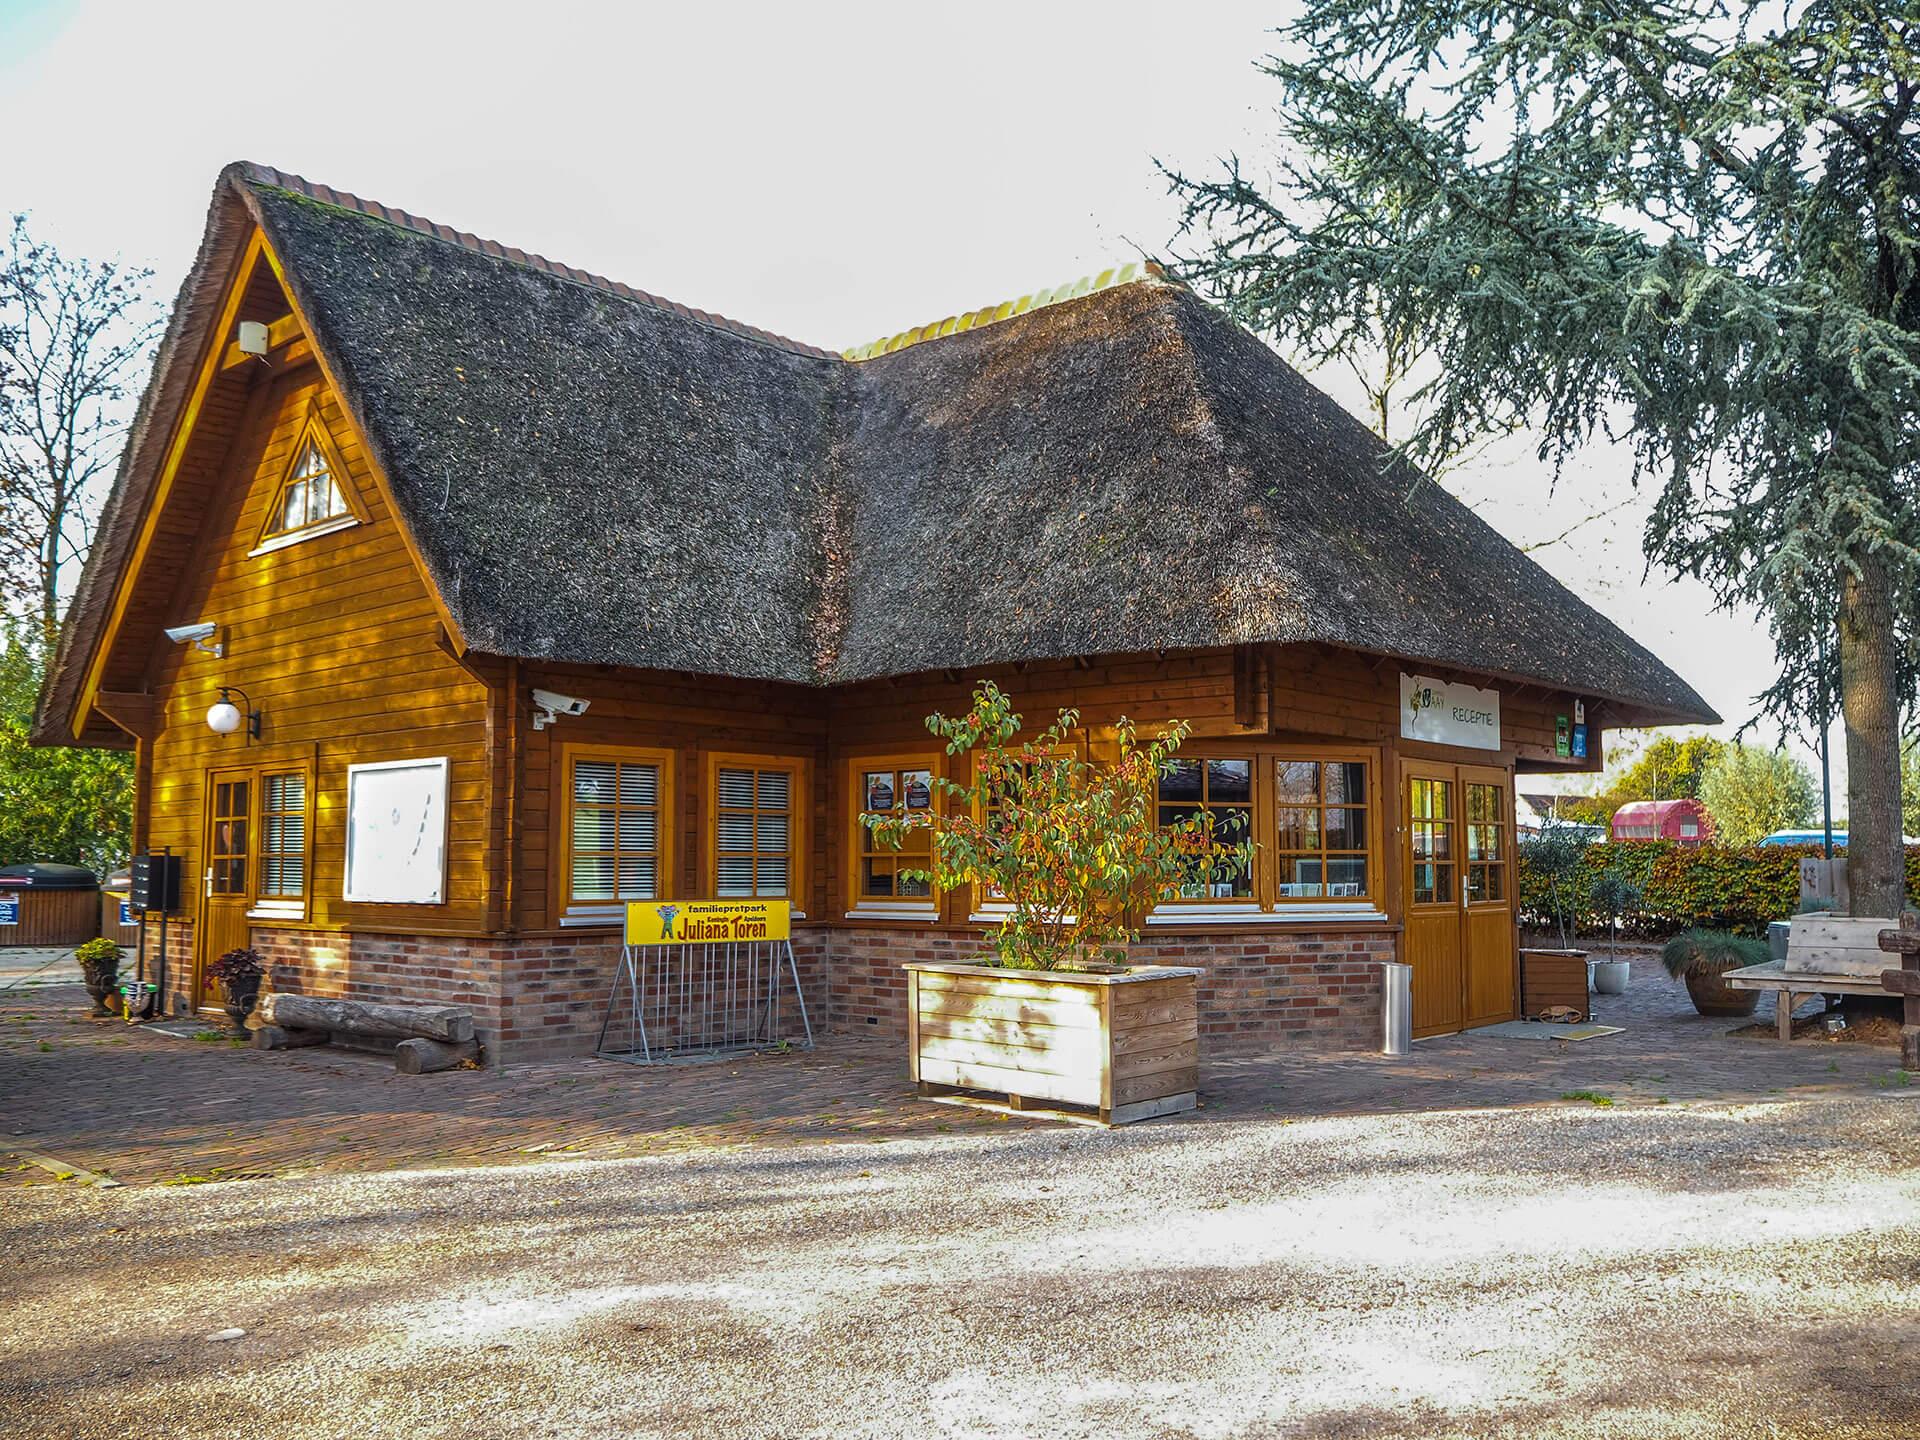 Houten receptiegebouw op camping de Waay blokhuis met rieten kap